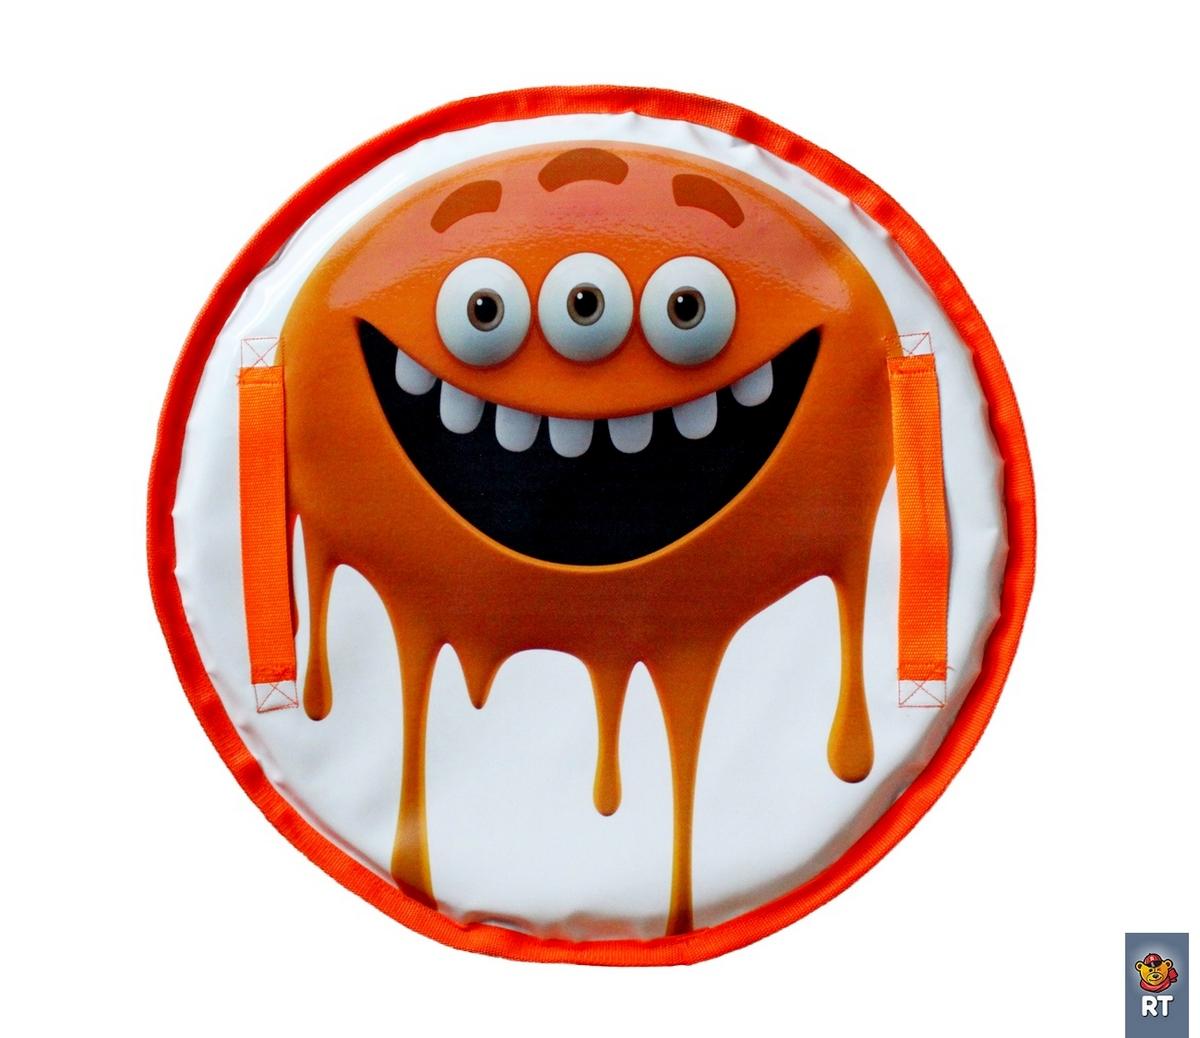 Ледянка – Монстрик, цвет: оранжевый, 50 см.Ватрушки и ледянки<br>Ледянка – Монстрик, цвет: оранжевый, 50 см.<br>